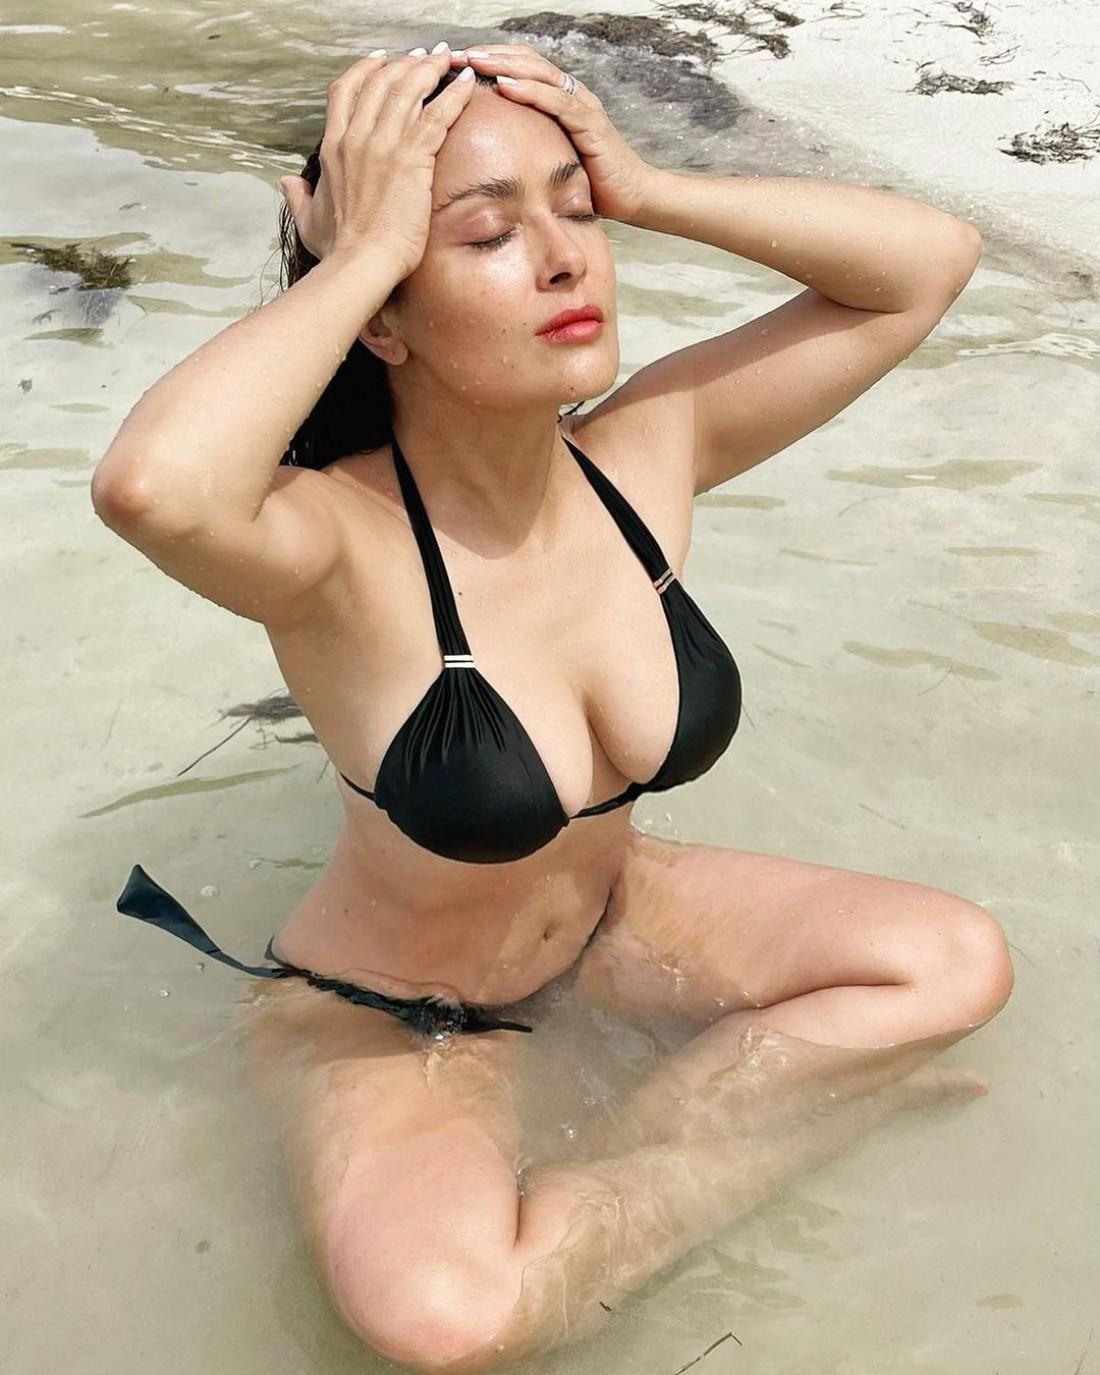 Сальма Хайек показала фото в мокром купальнике